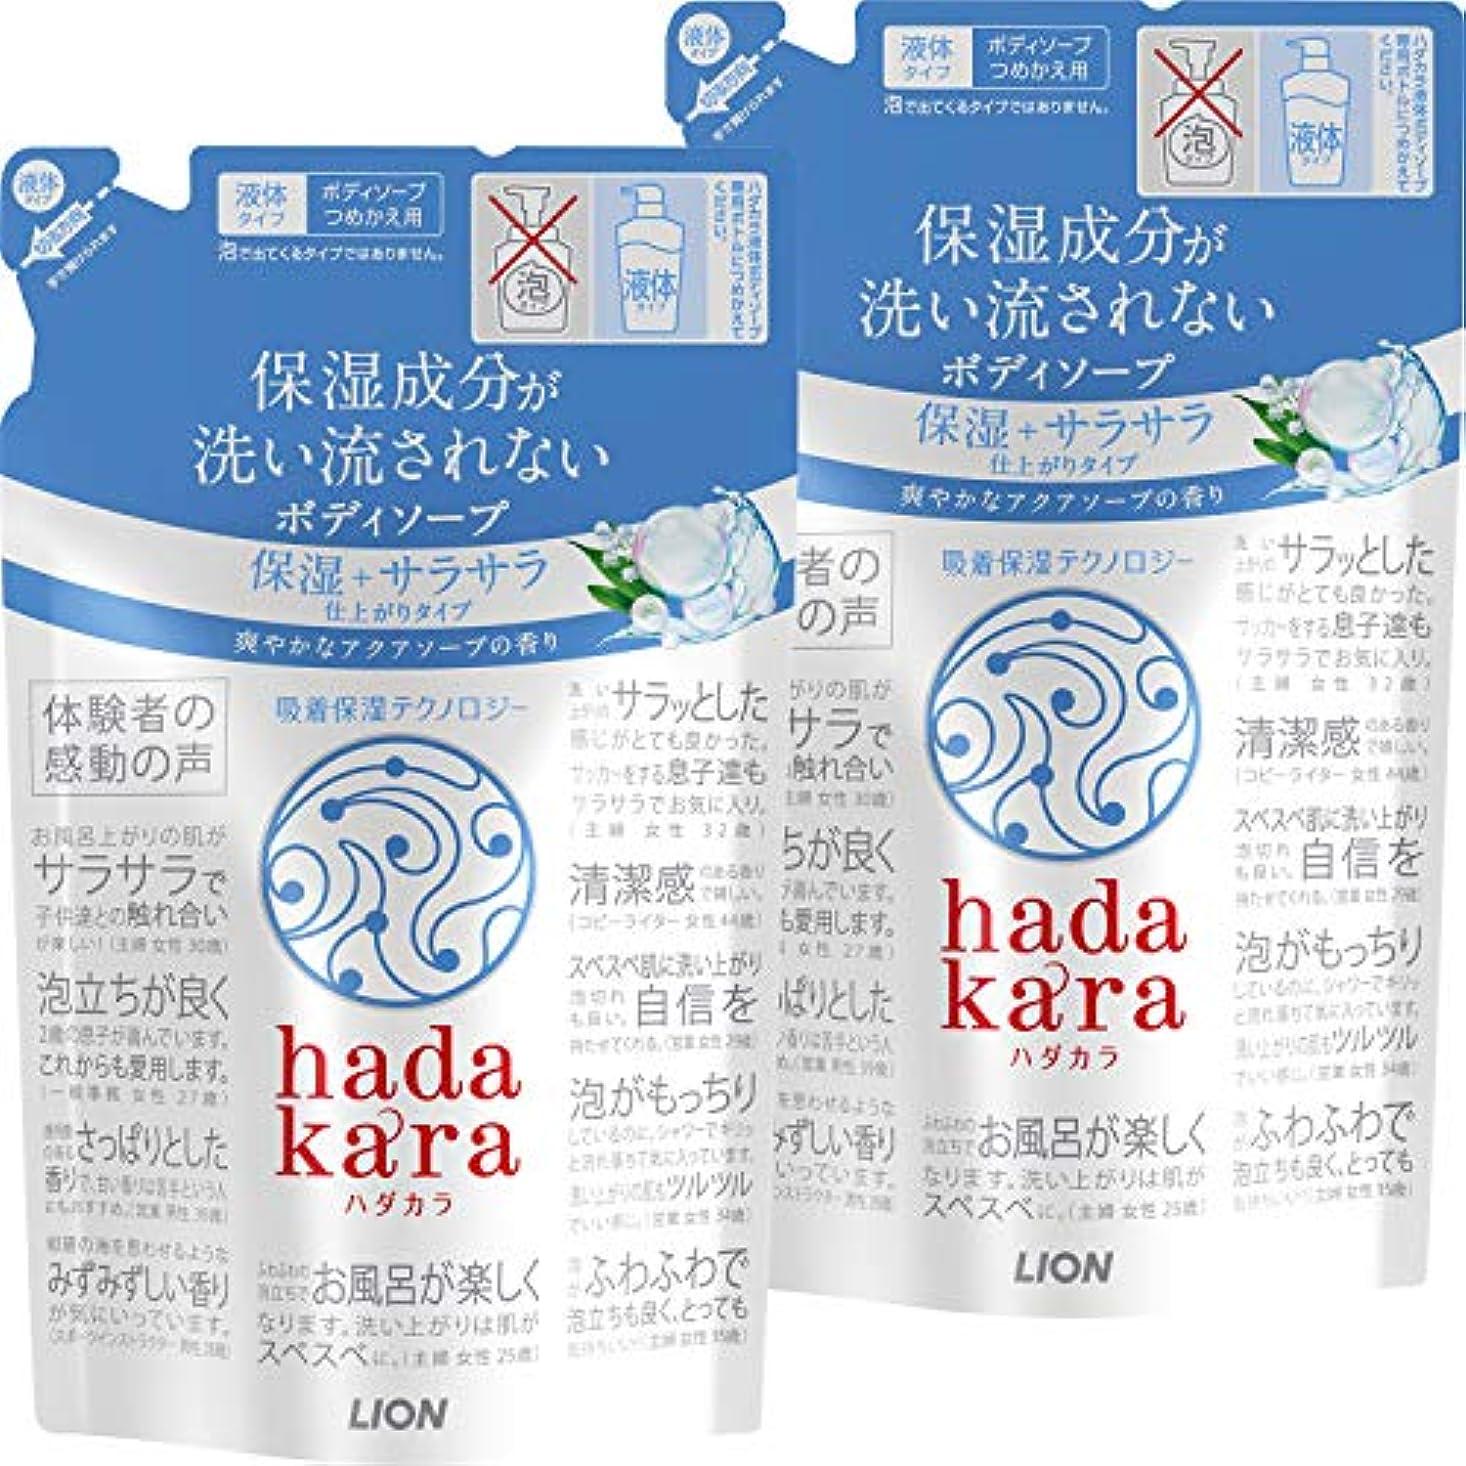 うるさい悪夢生き物【まとめ買い】hadakara(ハダカラ) ボディソープ 保湿+サラサラ仕上がりタイプ アクアソープの香り 詰め替え 340ml×2個パック